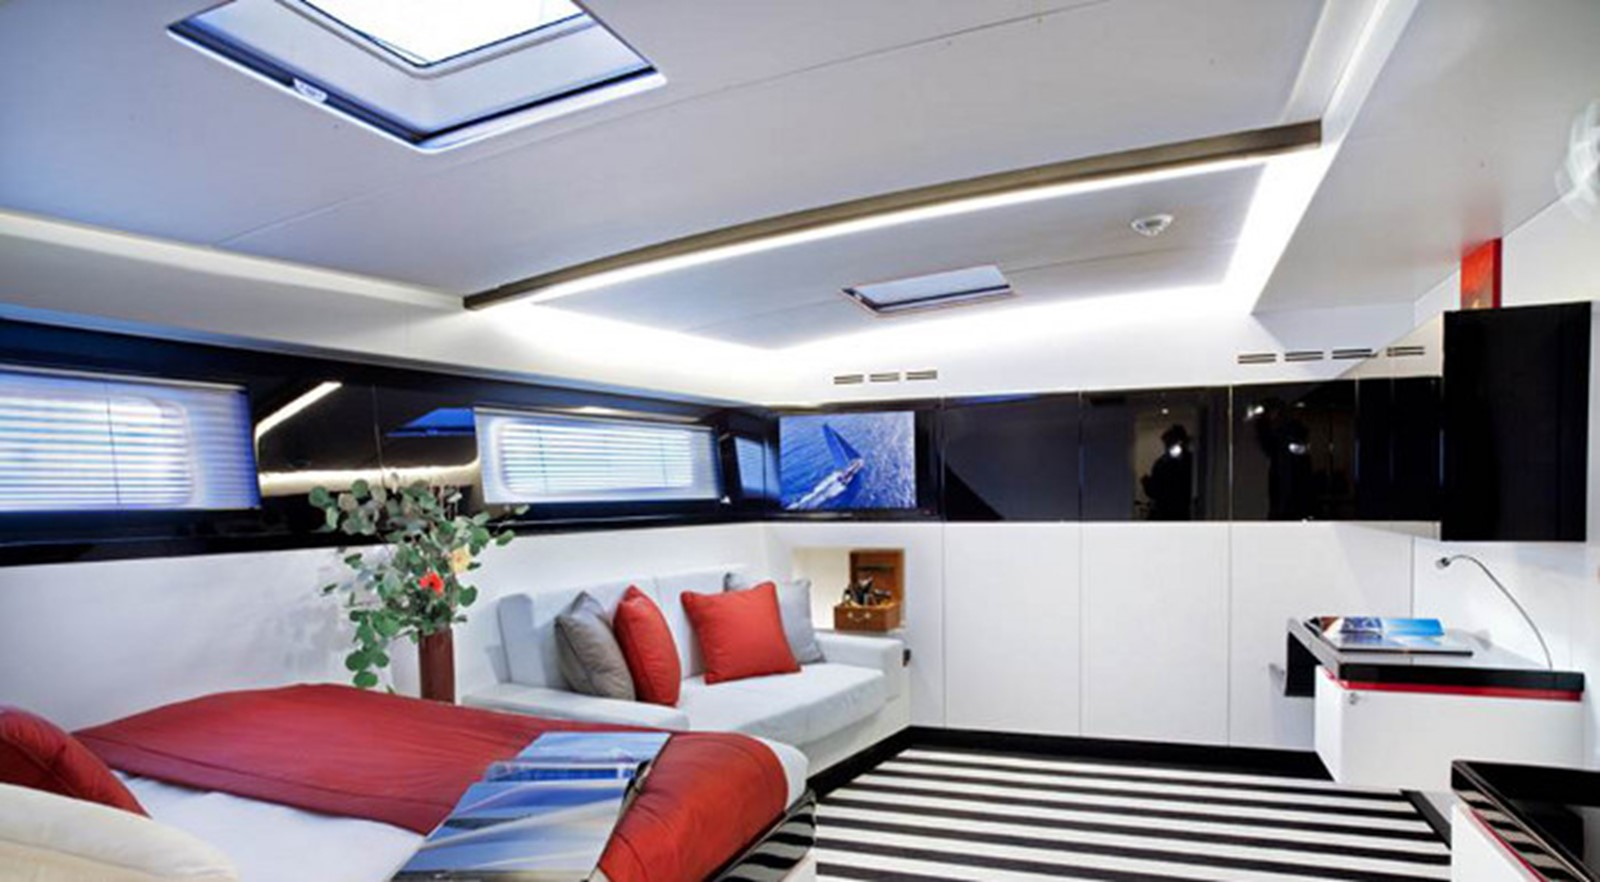 2013 MAXI DOLPHIN SRL Maxi 100 cruiser-racer Cruising Sailboat 2328918